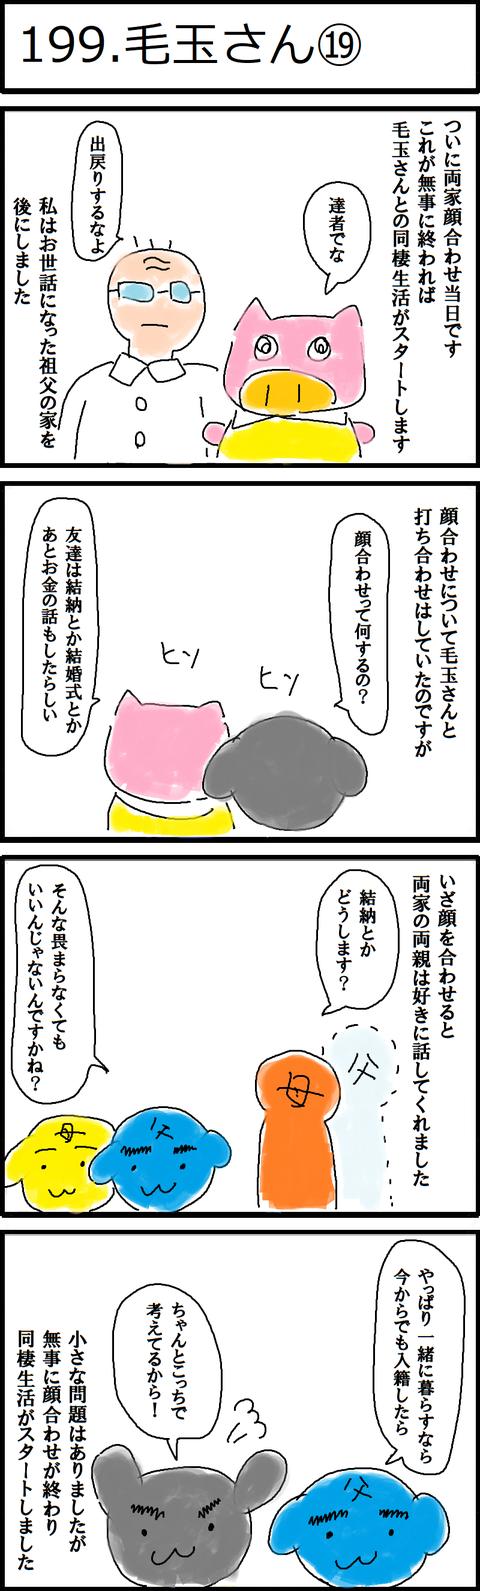 199.毛玉さん⑲